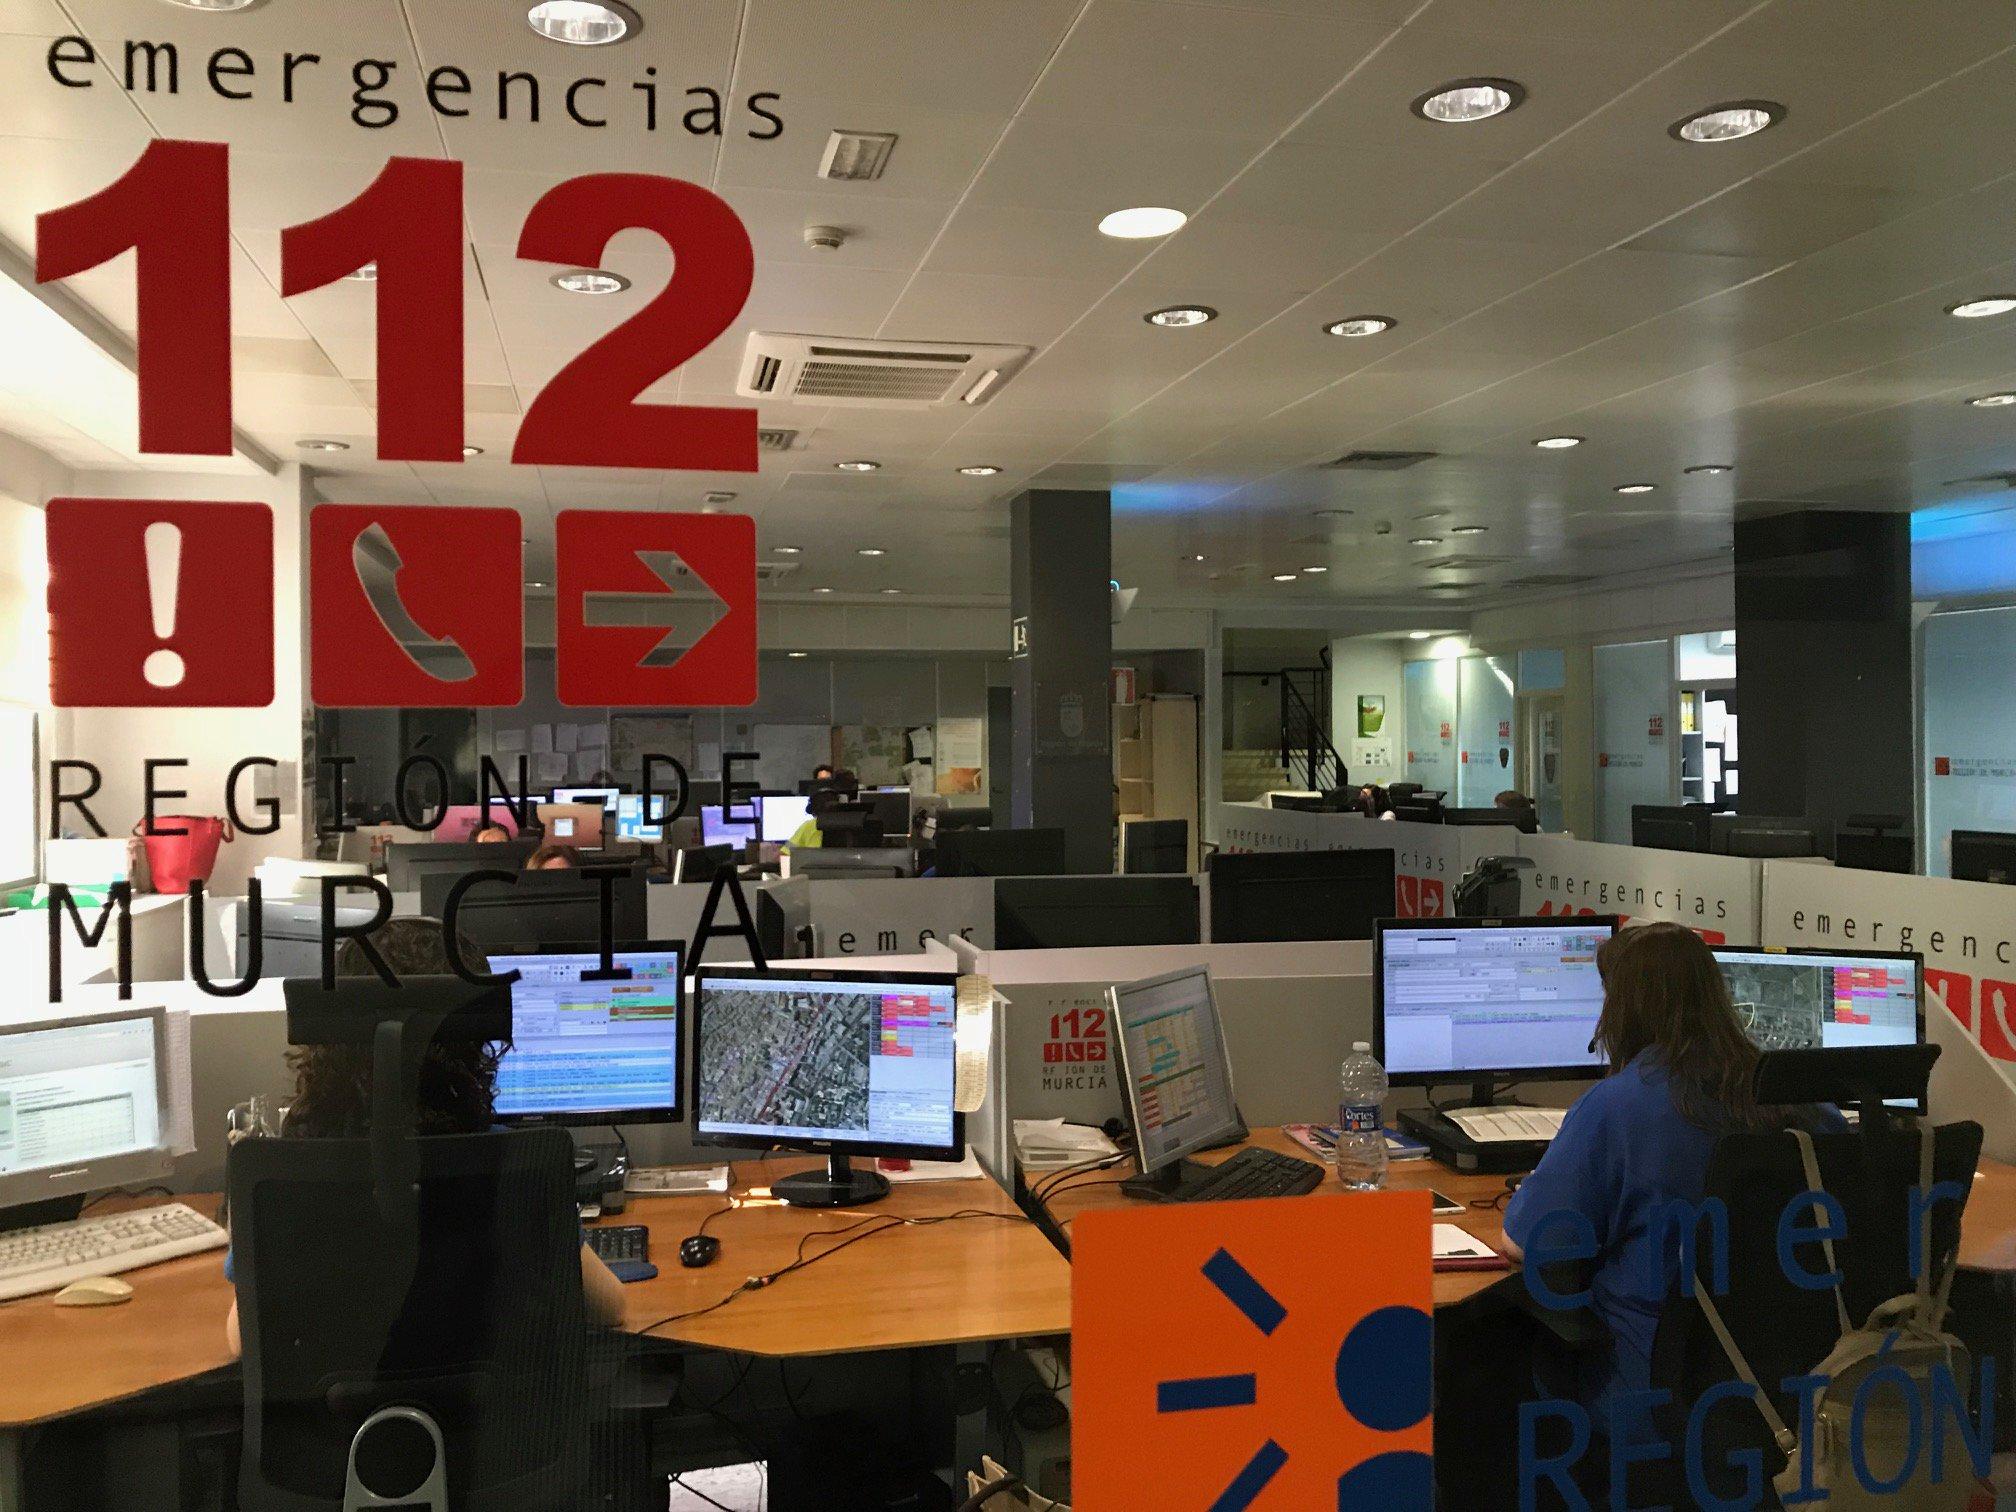 Sala de 112 Región de Murcia